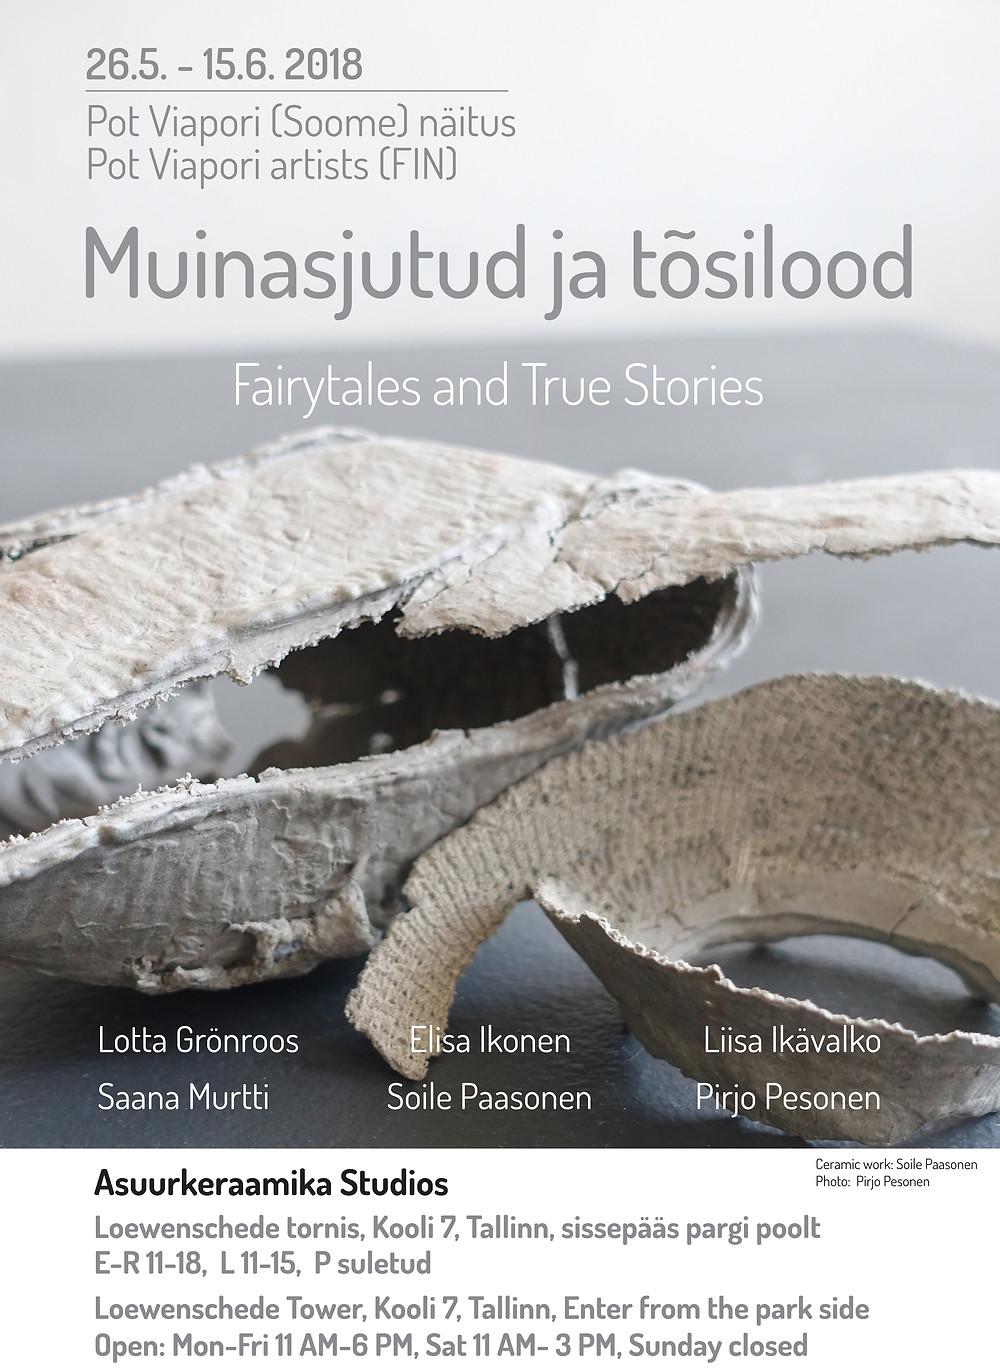 Exhibition in Asuurkeraamika Tallinn Estonia